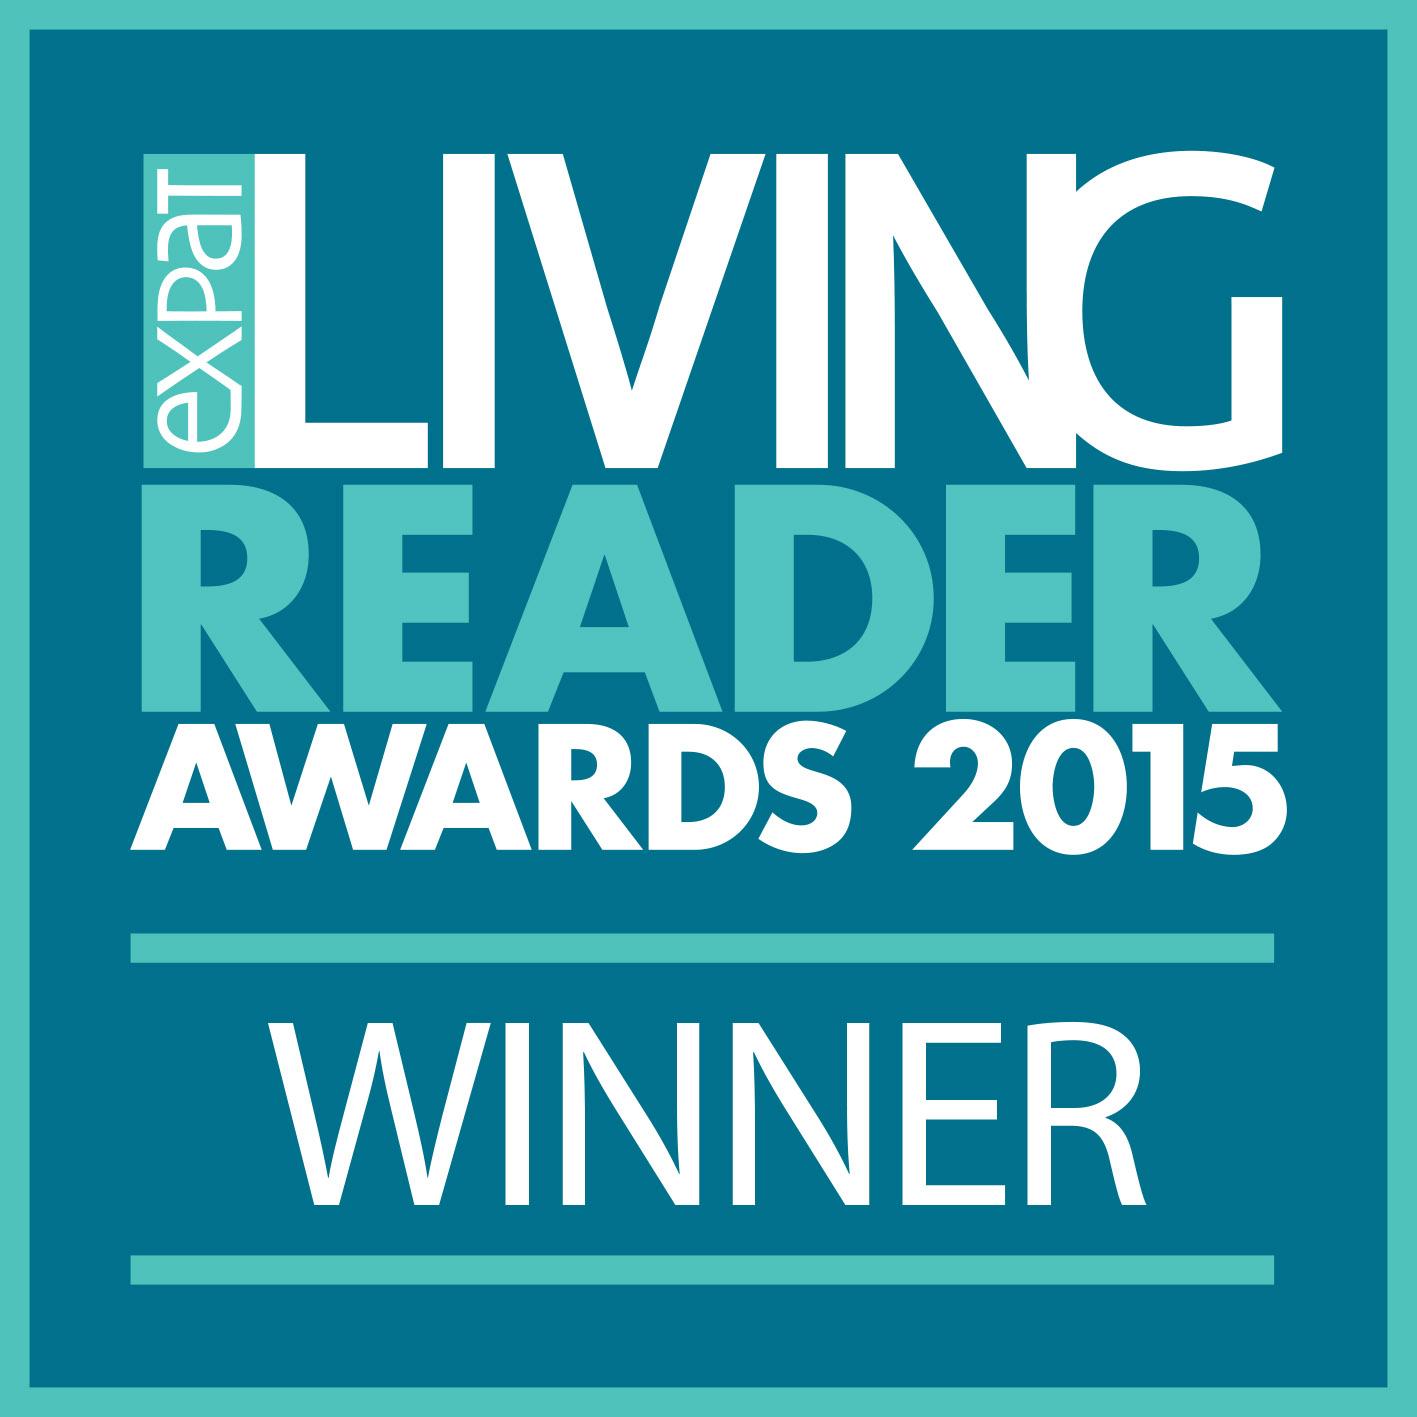 Cutis wins Best Aesthetics Clinic in EL Reader's Awards 2015